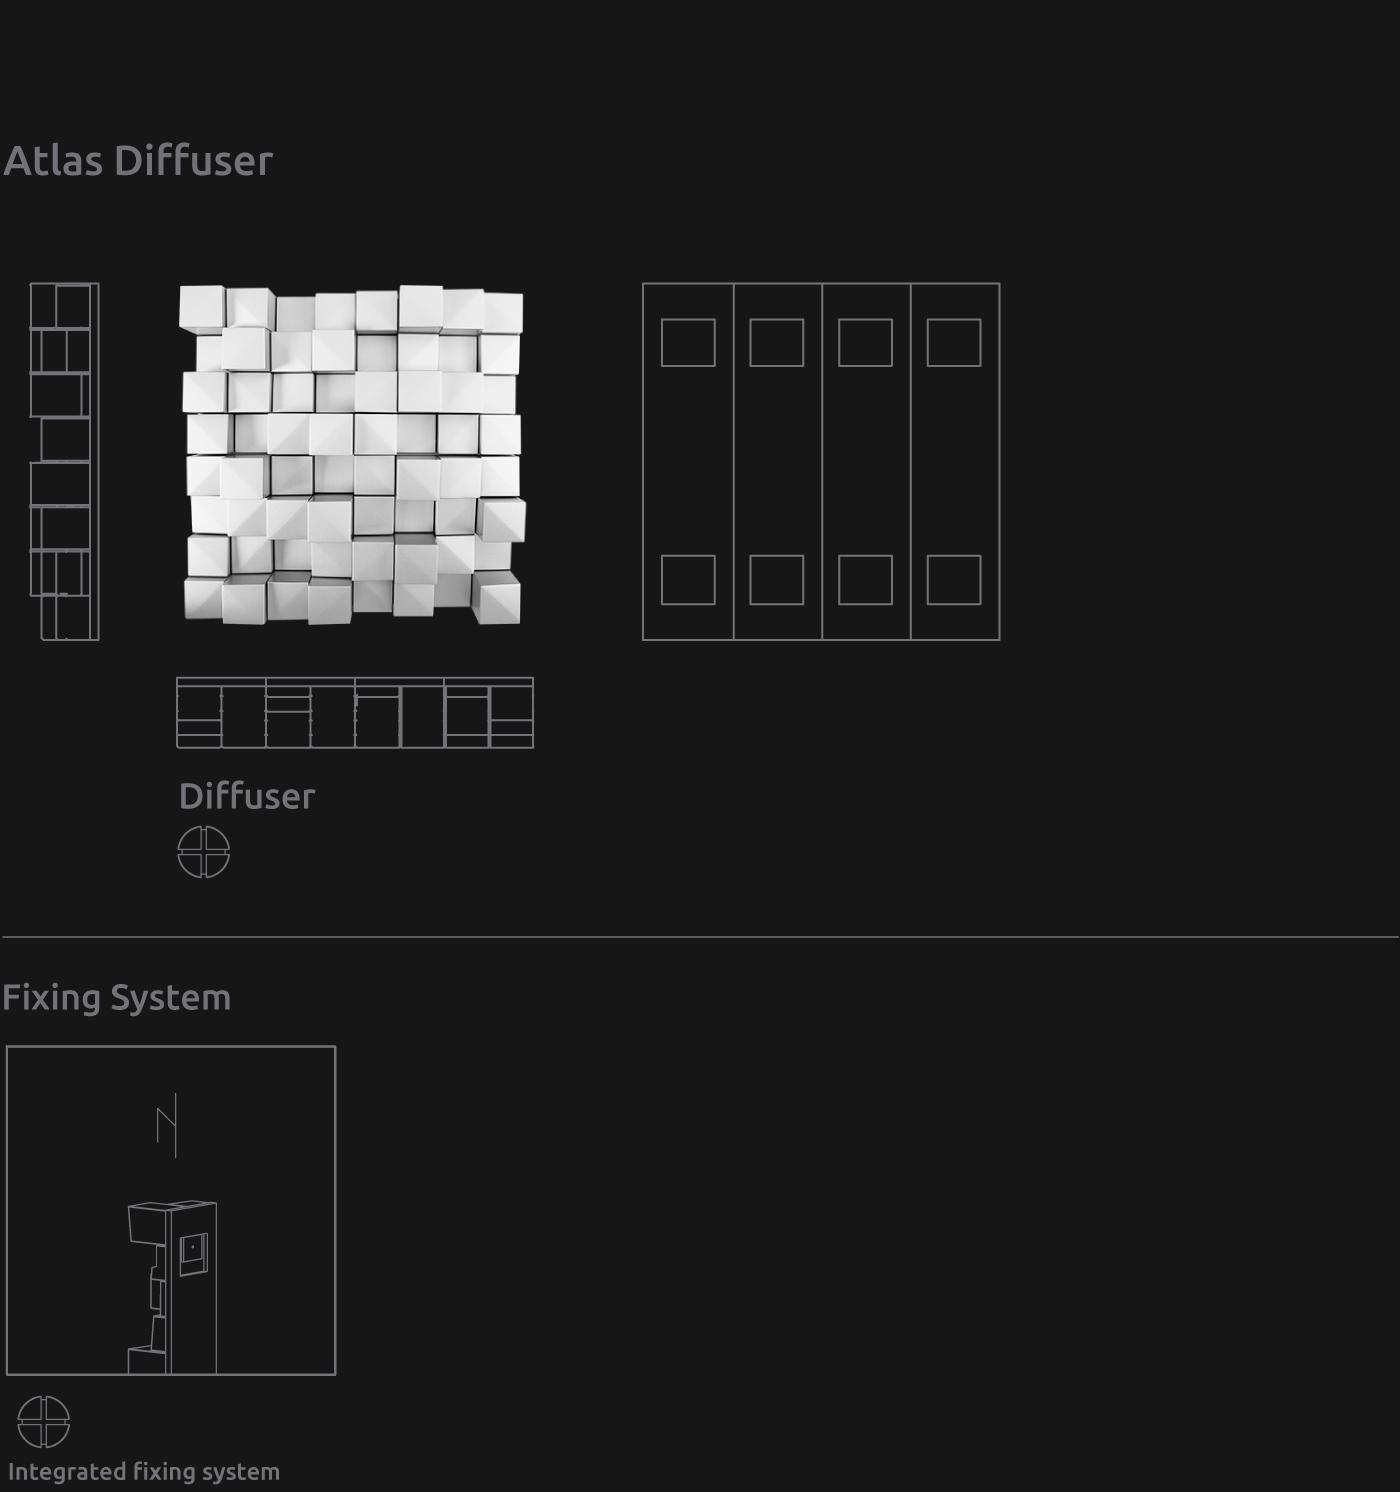 Artnovion product atlas w diffuser e309c3ff51